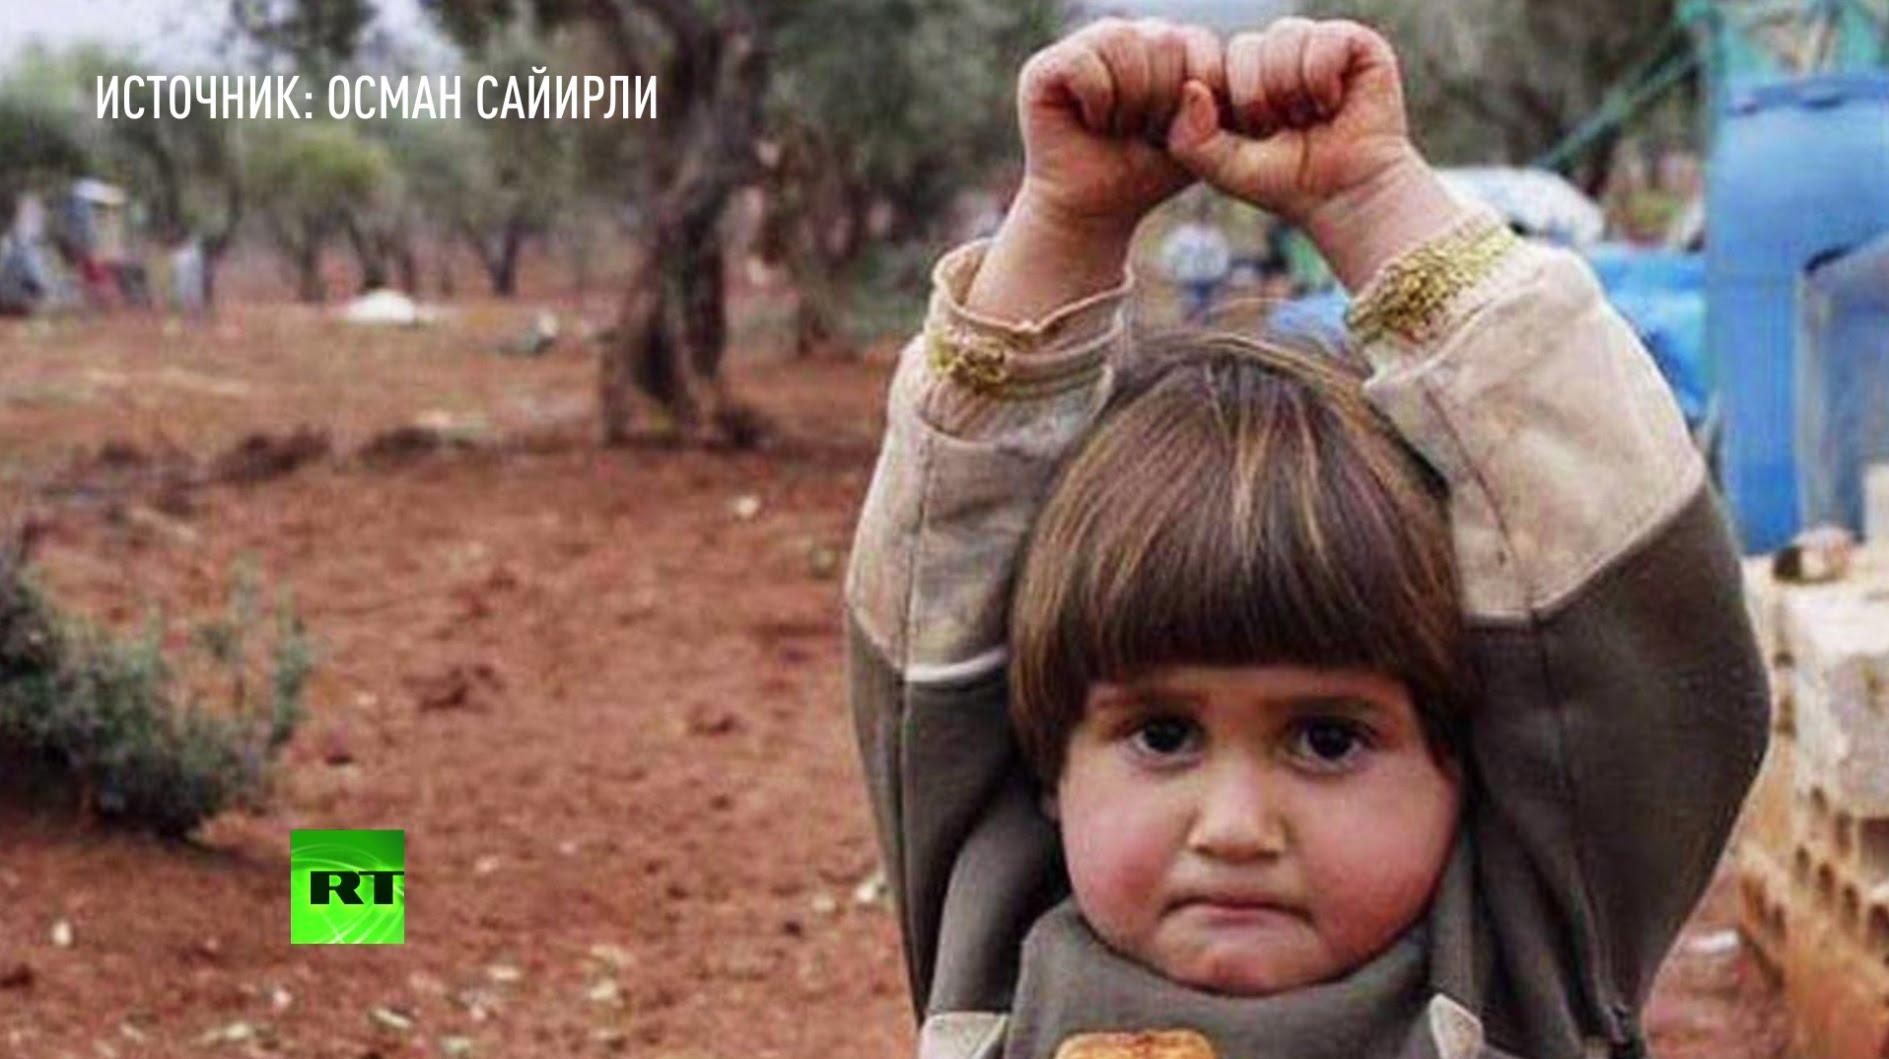 foto-sirijskoj-devochki-sdavshej.jpg